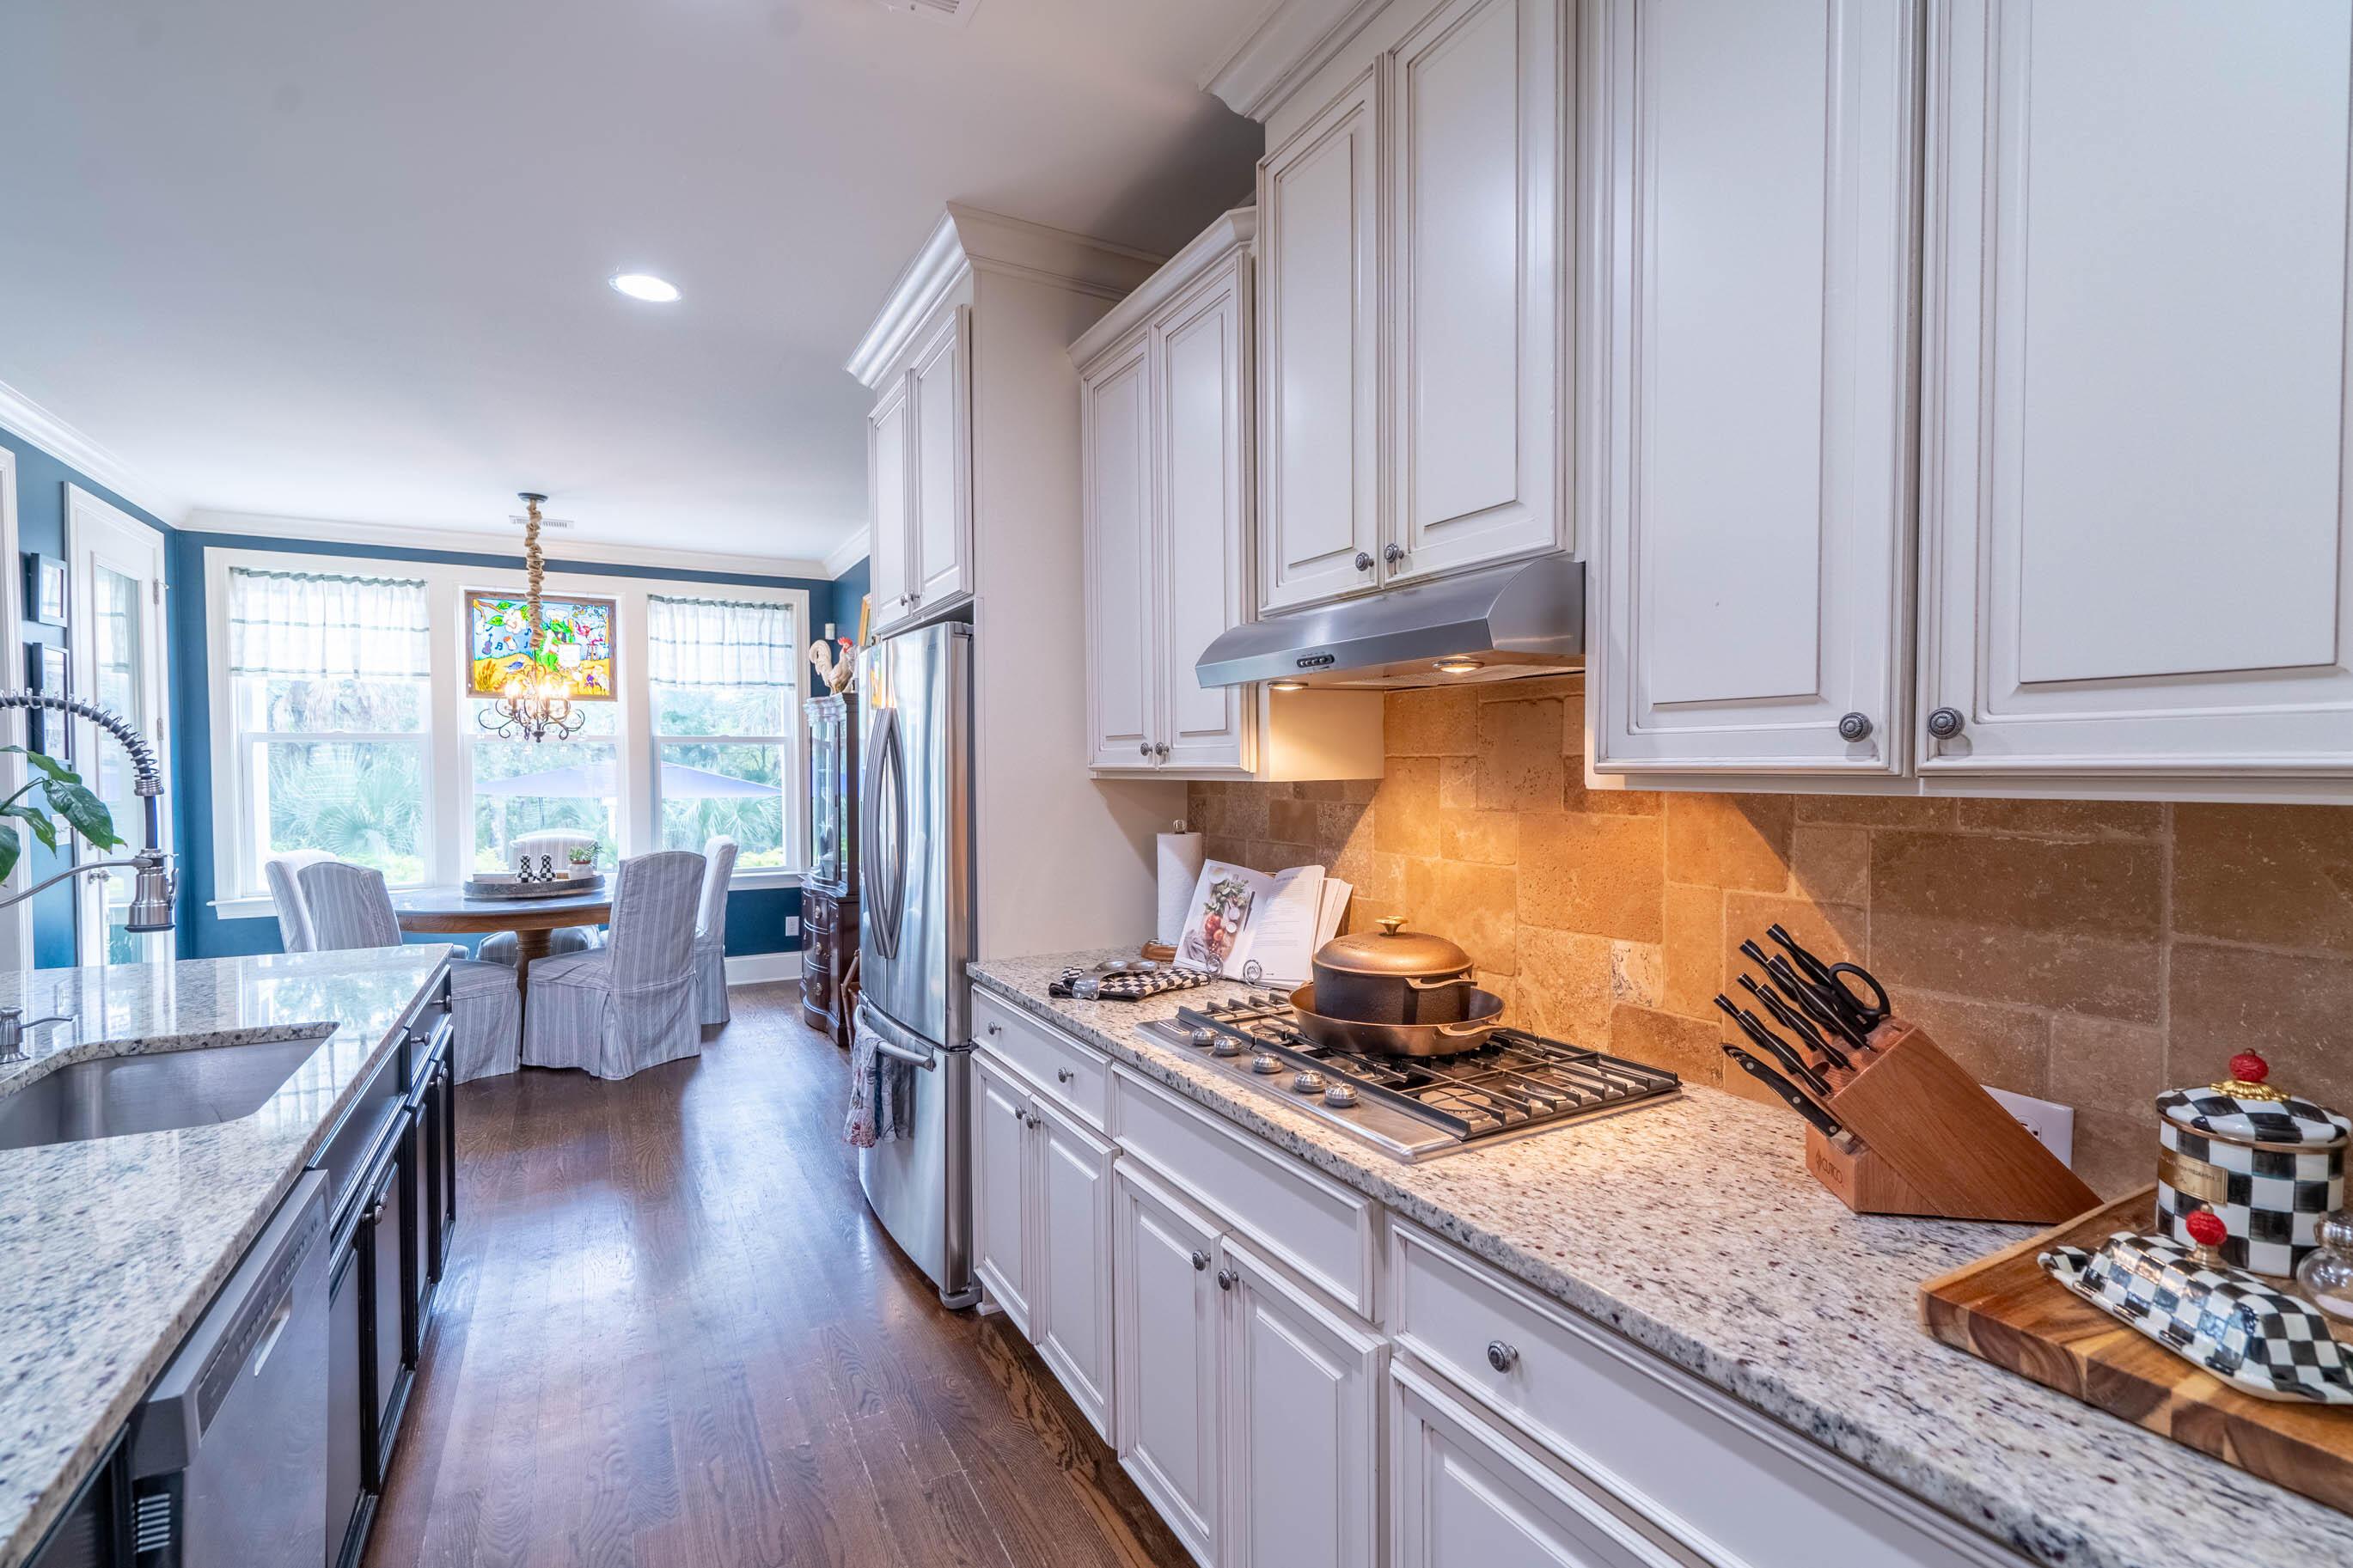 Dunes West Homes For Sale - 2997 Sturbridge, Mount Pleasant, SC - 2